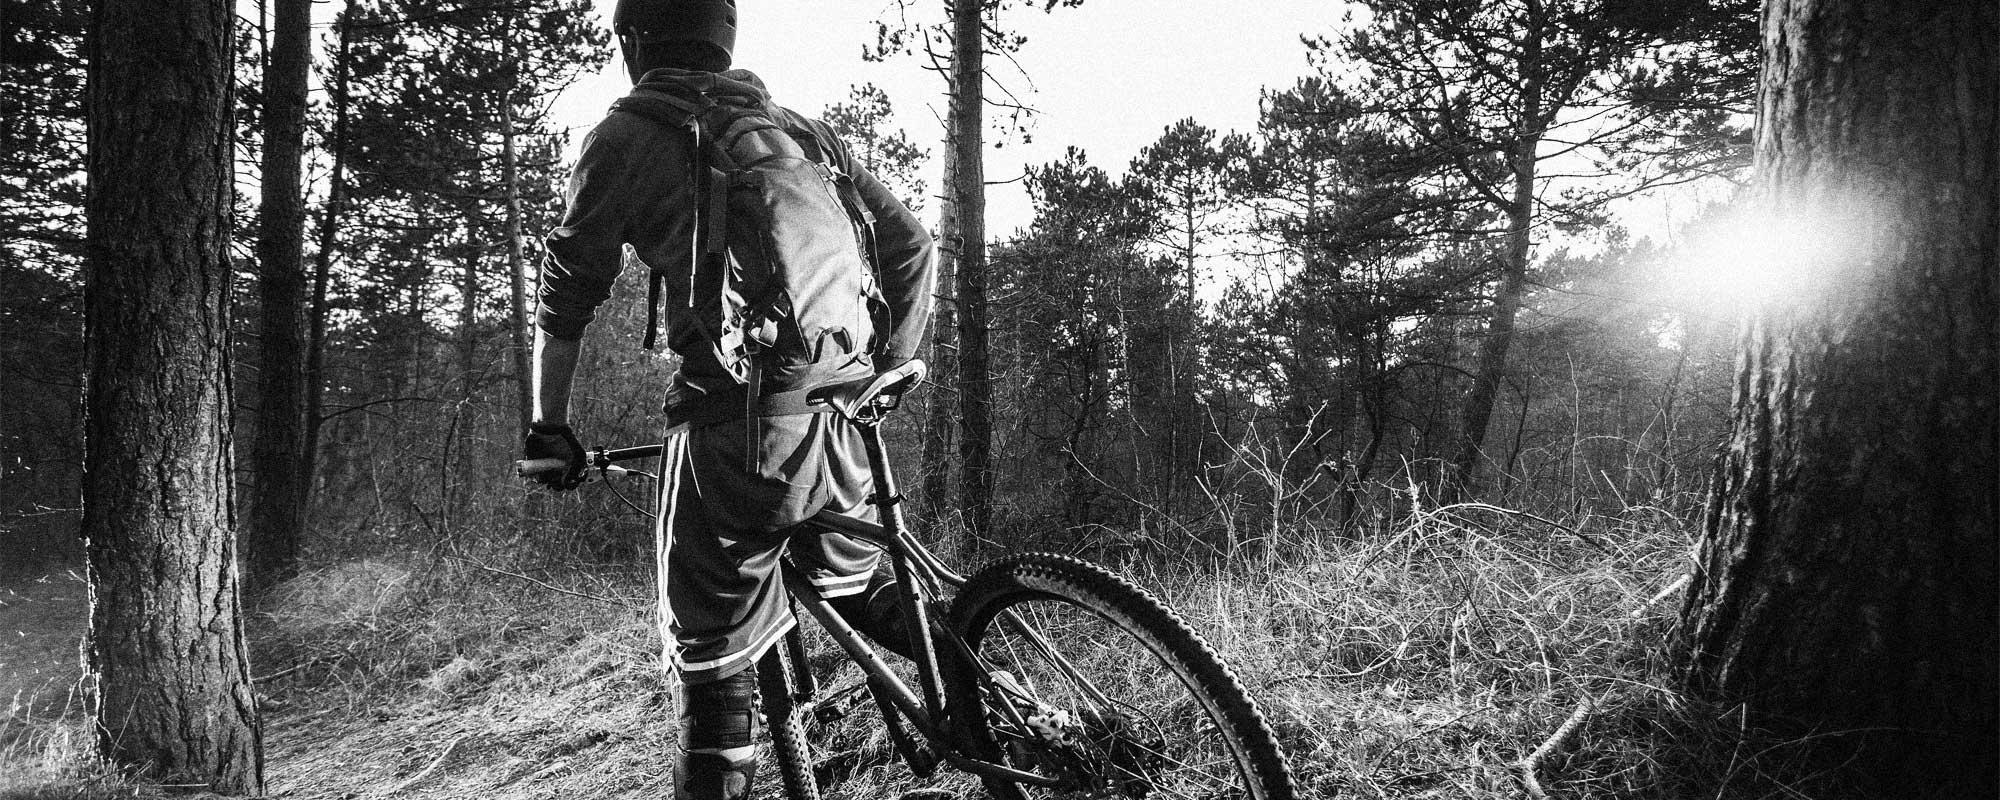 01-Fahrrad-Sportslider